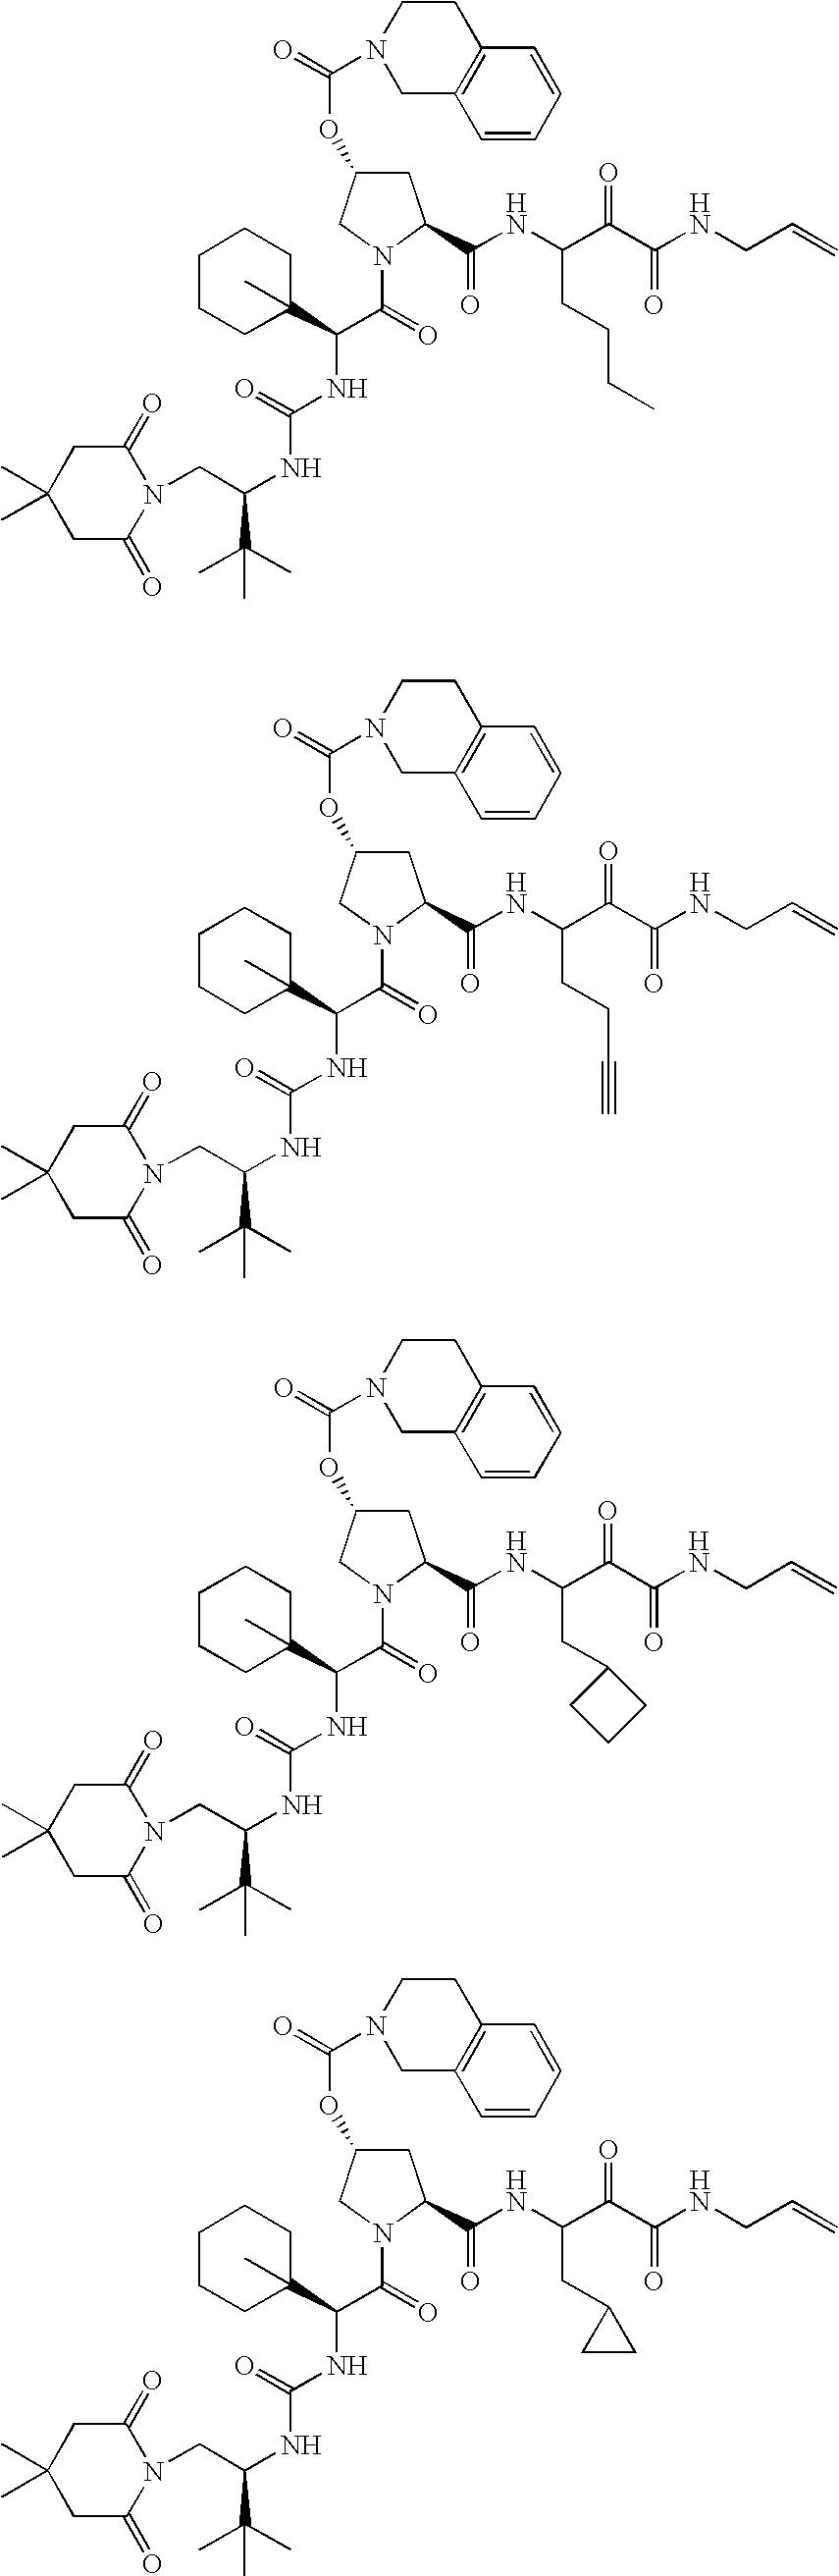 Figure US20060287248A1-20061221-C00564